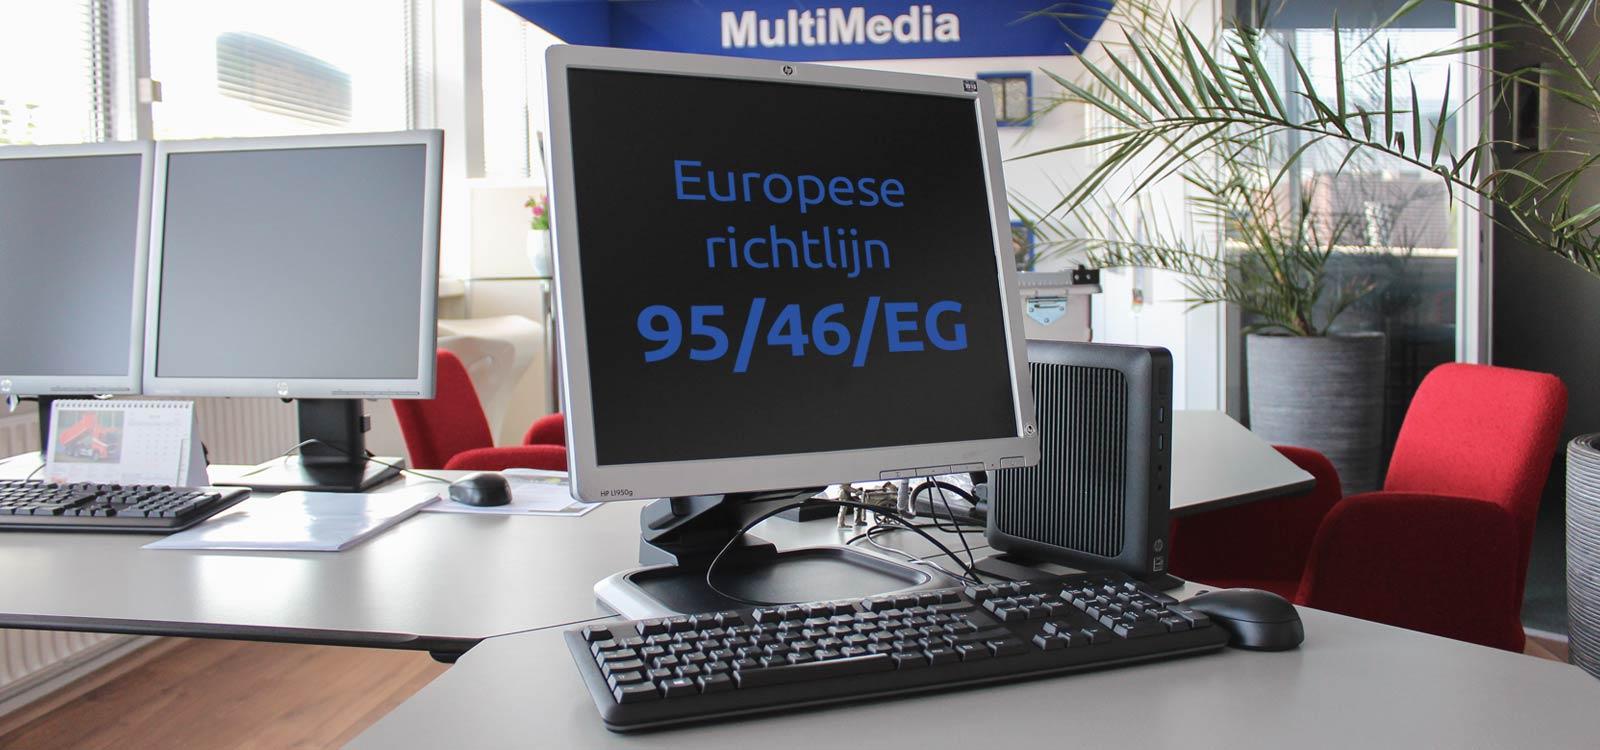 europese-richtlijn-95-46-EG-bescherming-persoonsgegevens